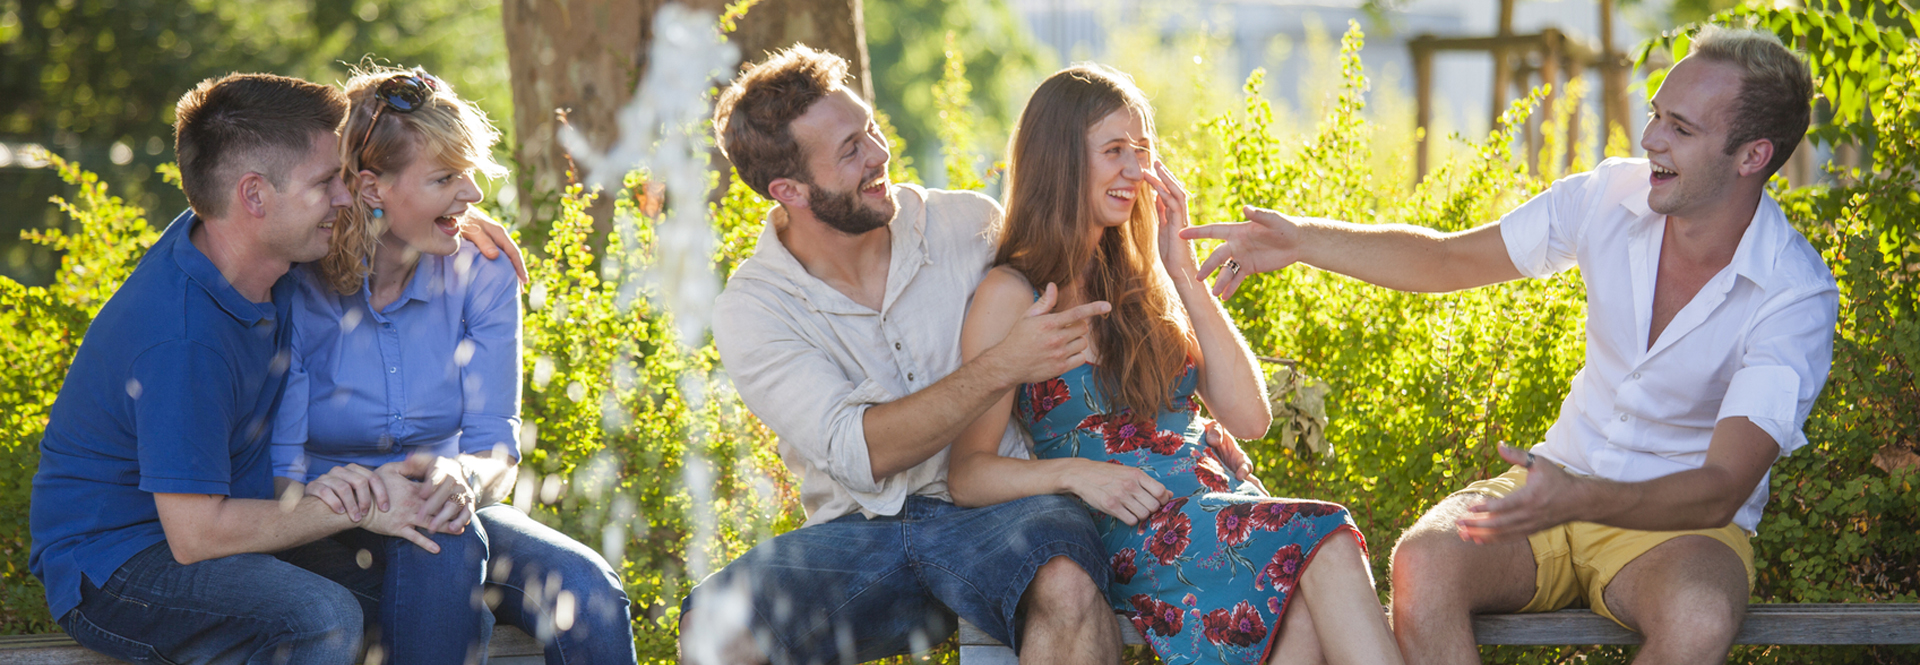 Couple de jeunes rient et discutent